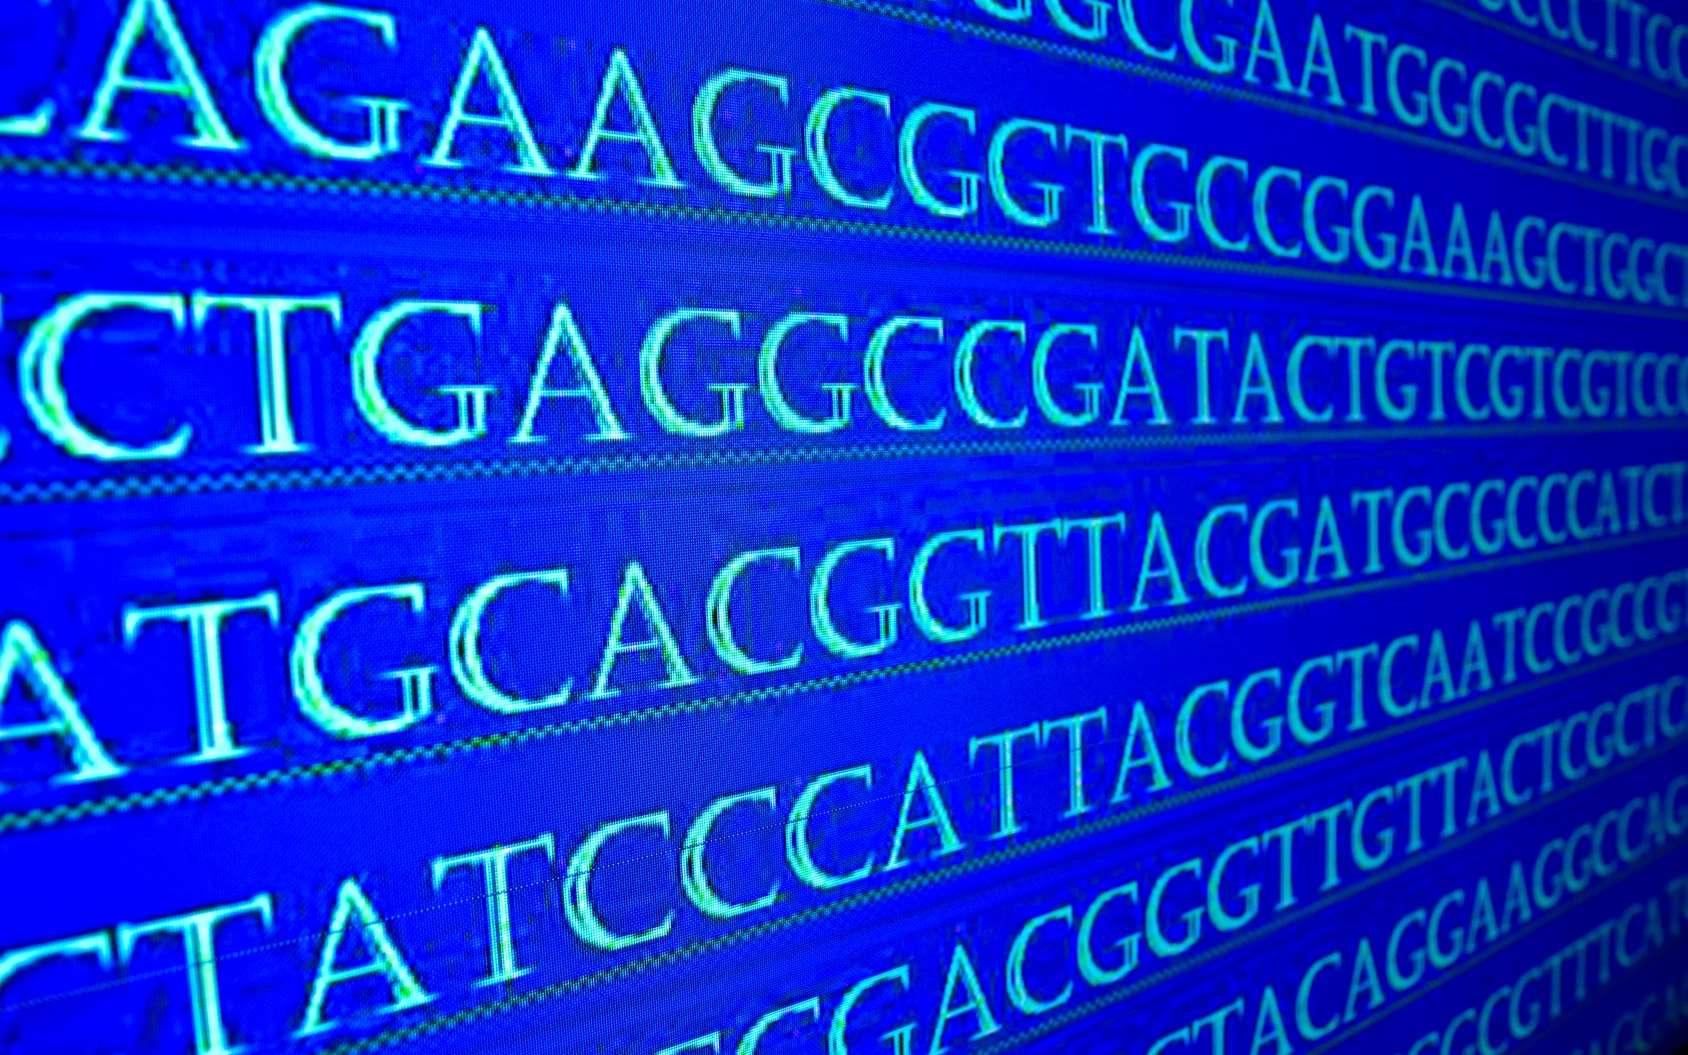 La génomique analyse la structure et la fonction des génomes. © sergunt, Fotolia